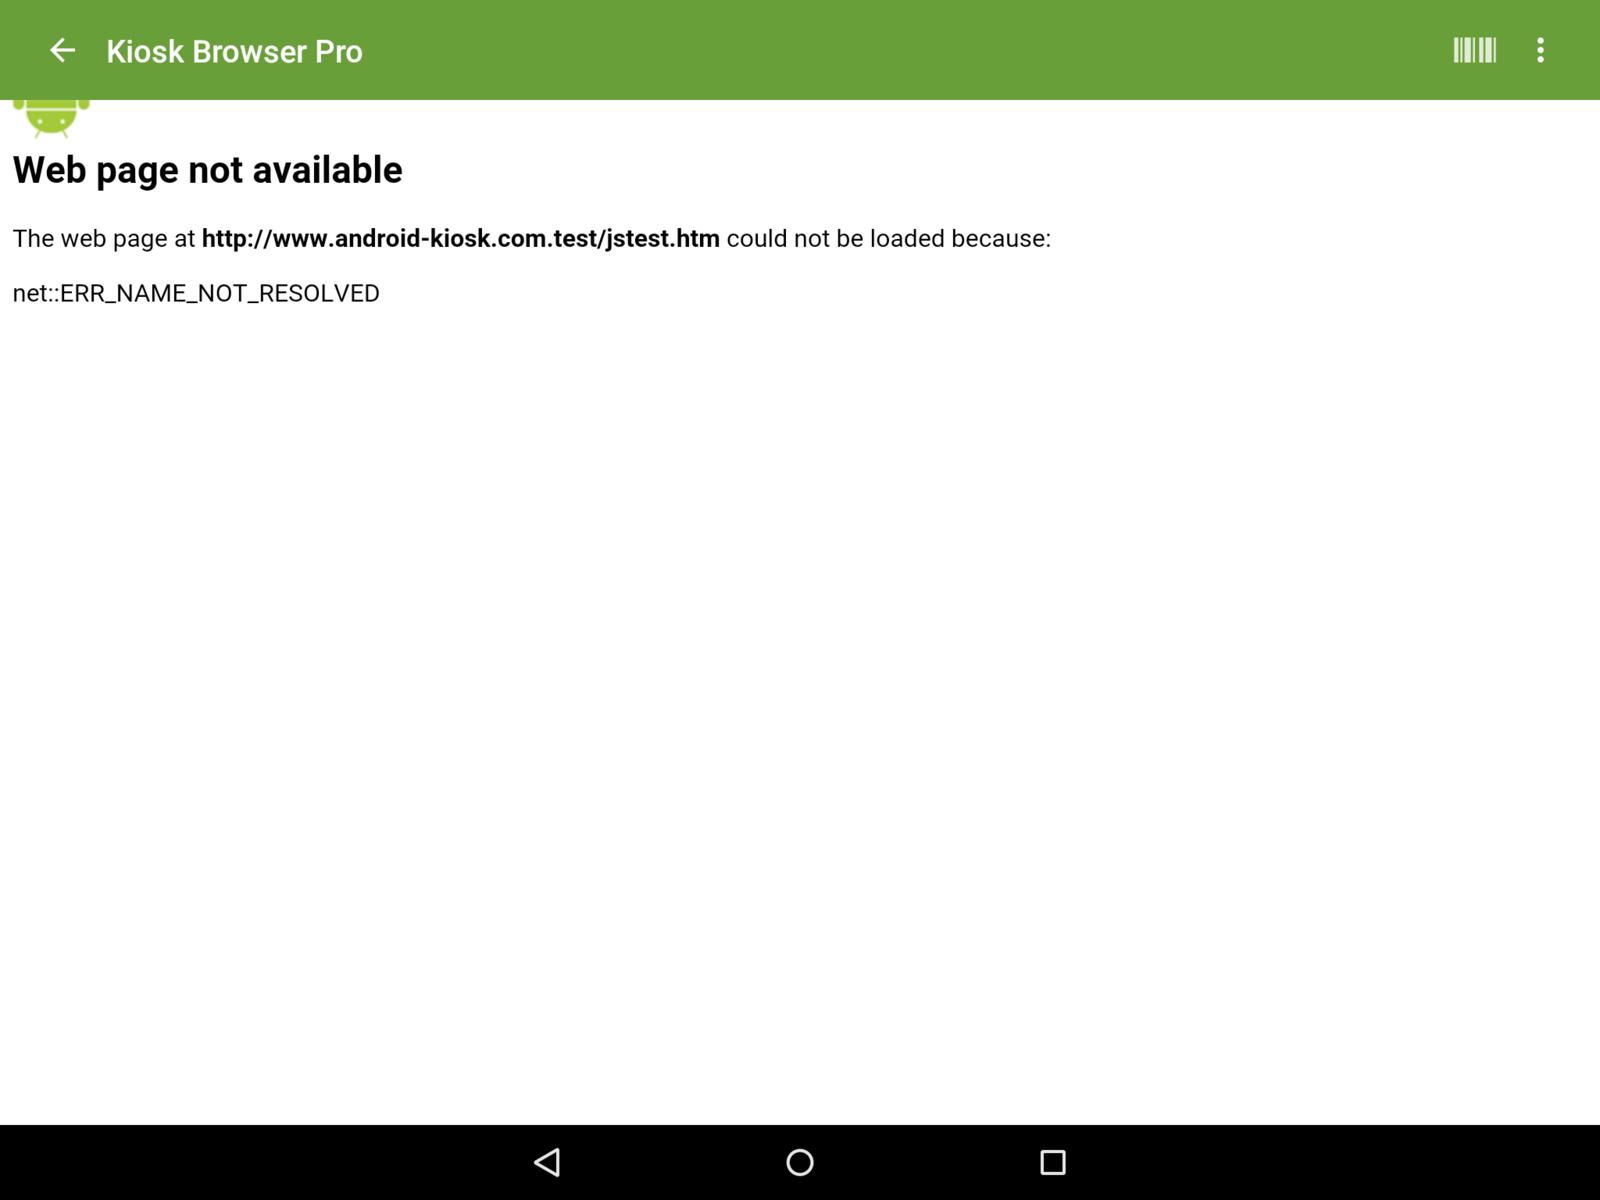 Standard Error Page